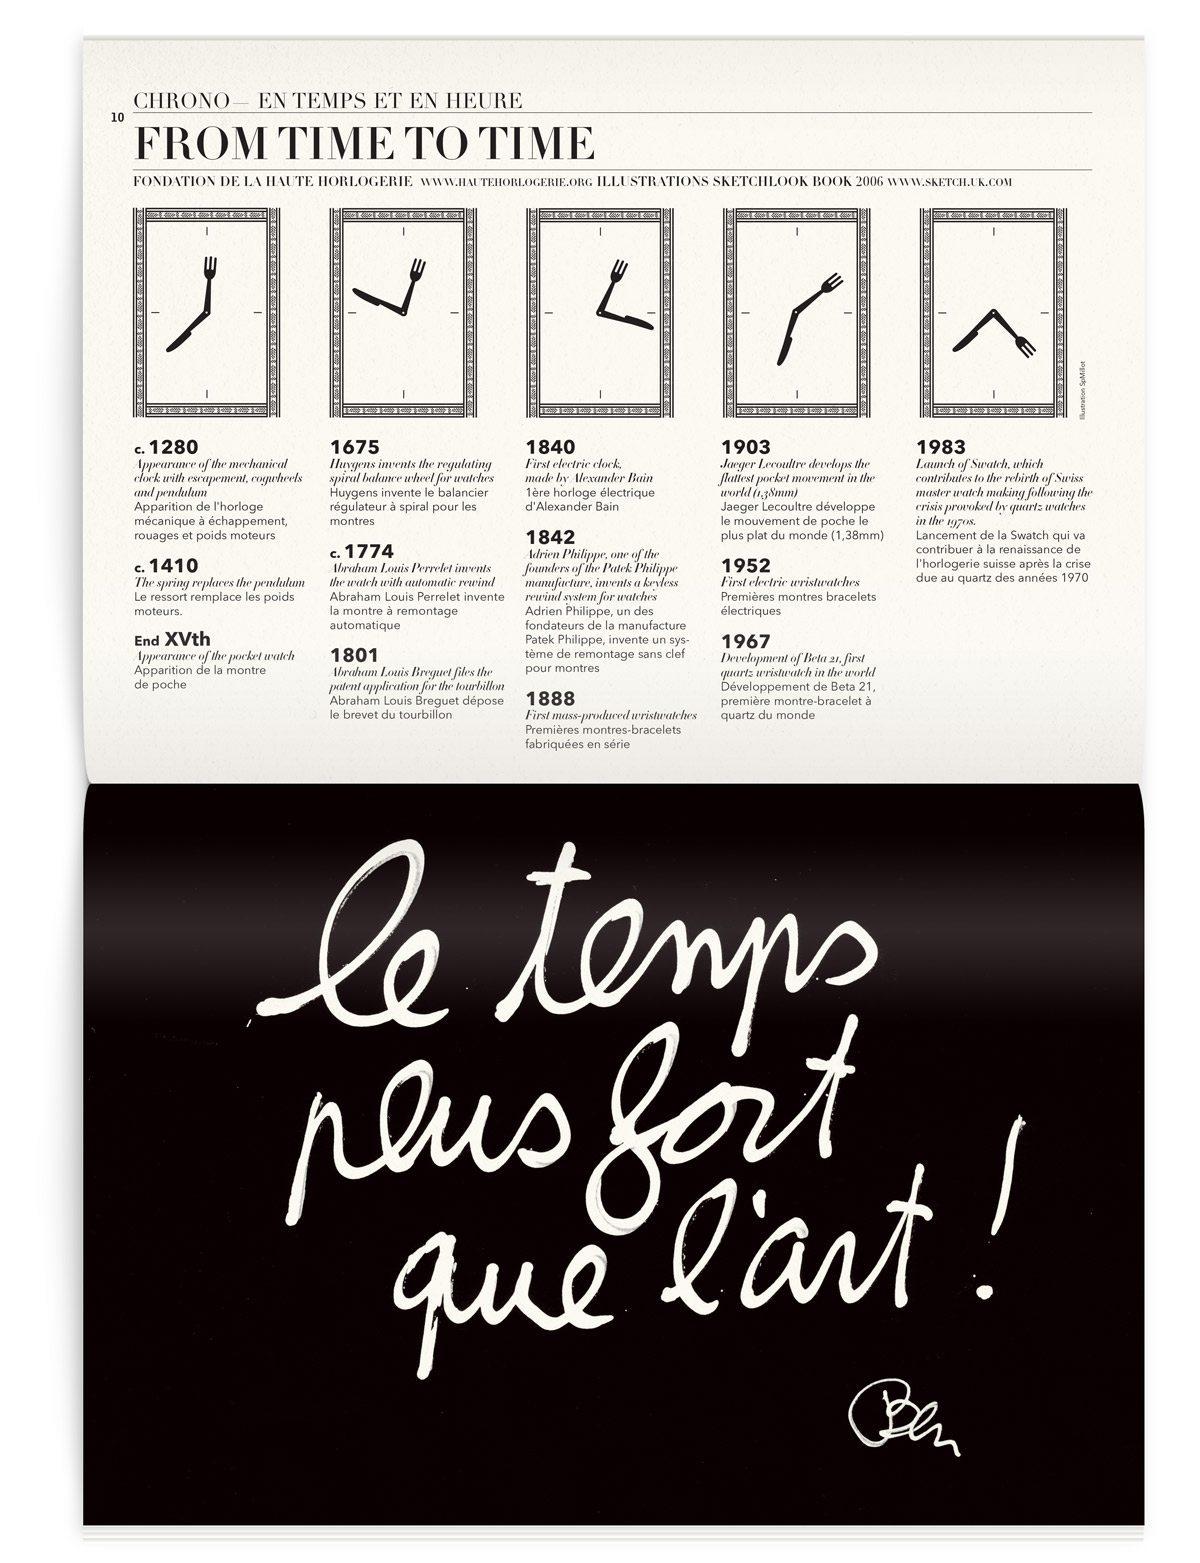 La page from time to time du magazine Iconofly, première revue d'art et d'histoire autour de la montre, design IchetKar